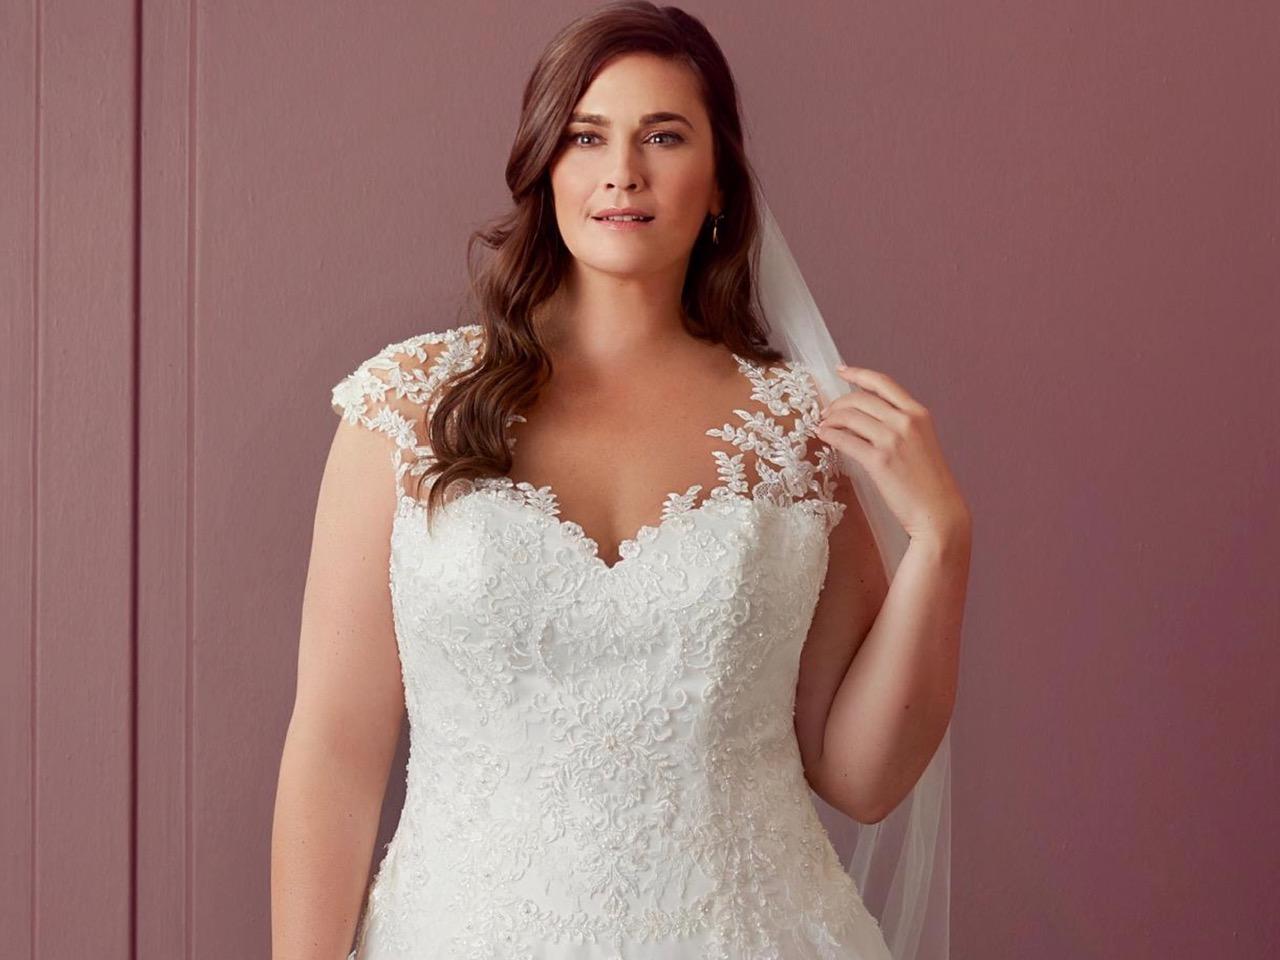 keresés az ember, fehér menyasszonyi egyedülálló nők alzey